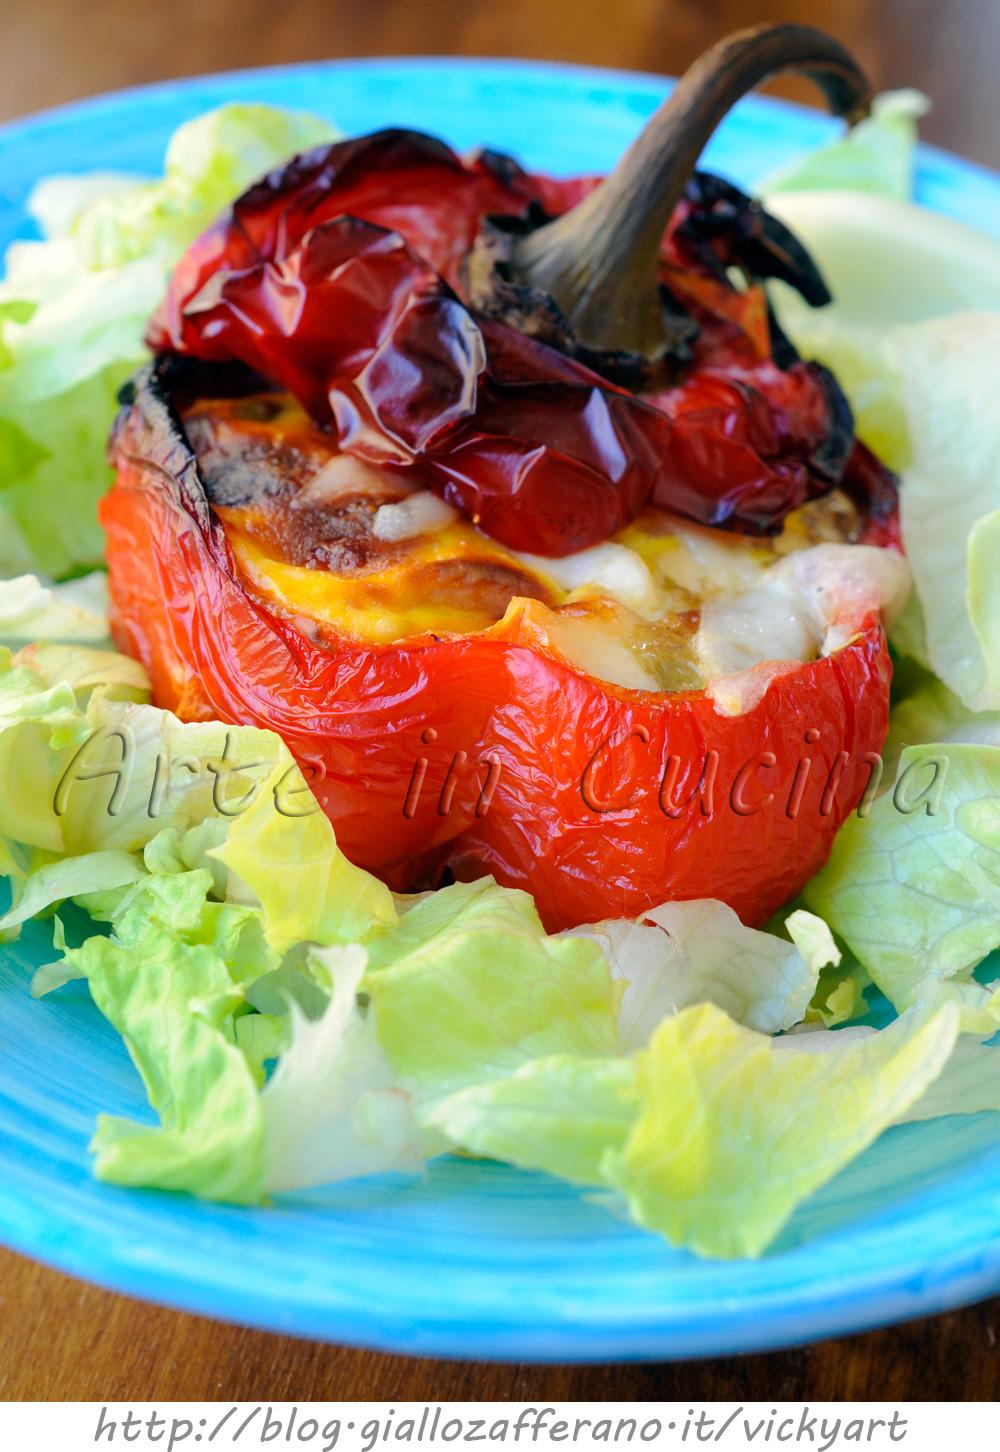 Peperoni ripieni al forno con carne e ricotta vickyart arte in cucina